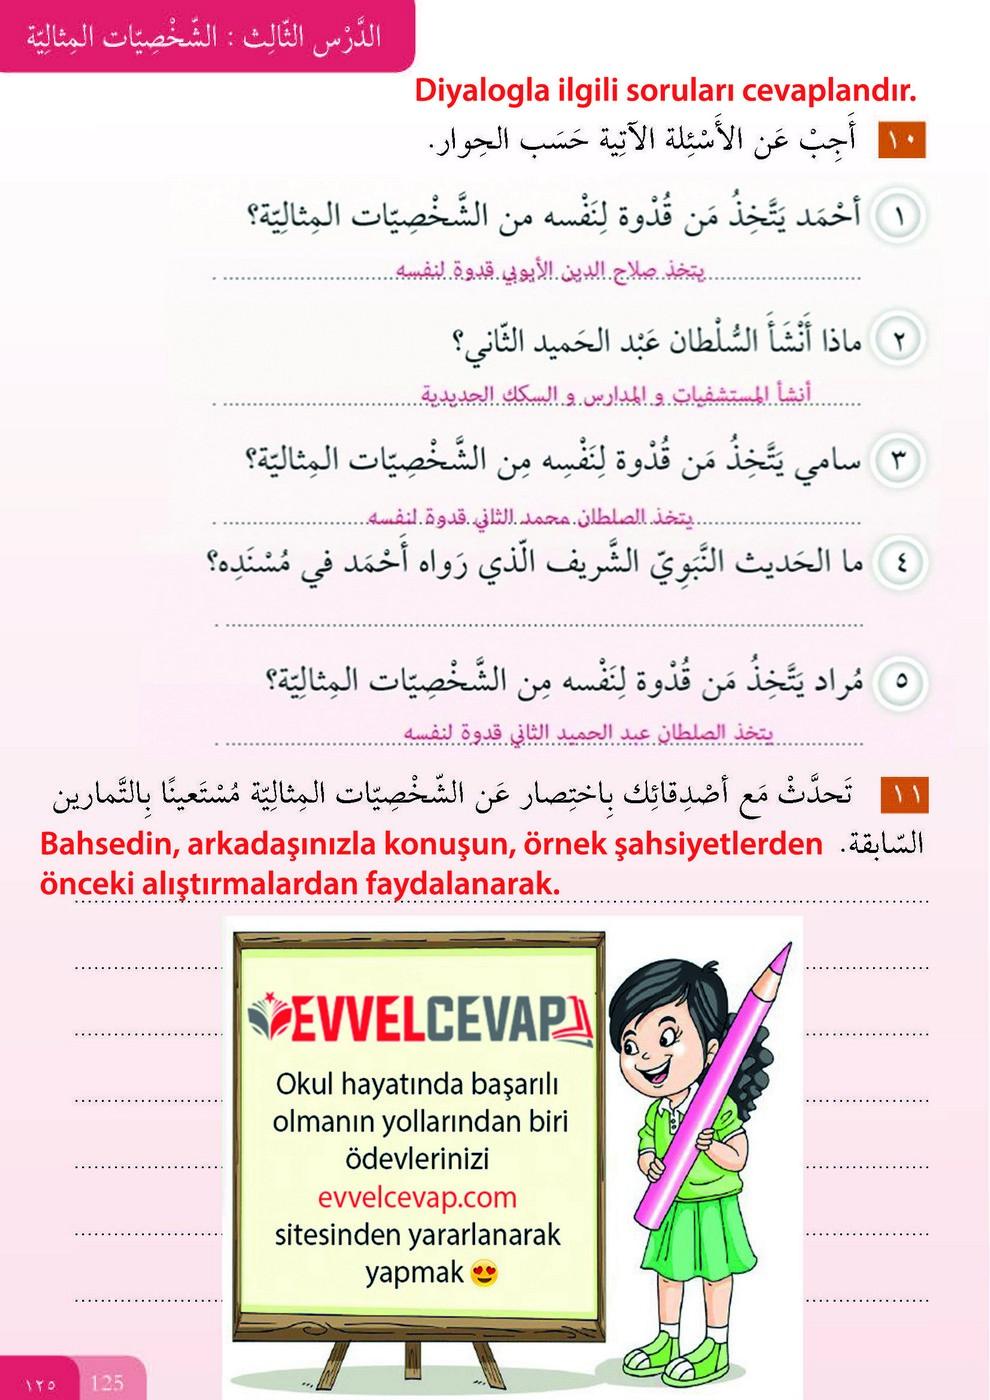 7. Sınıf Meb Yayınları Arapça Ders ve Öğrenci Çalışma Kitabı Sayfa 125 Cevabı